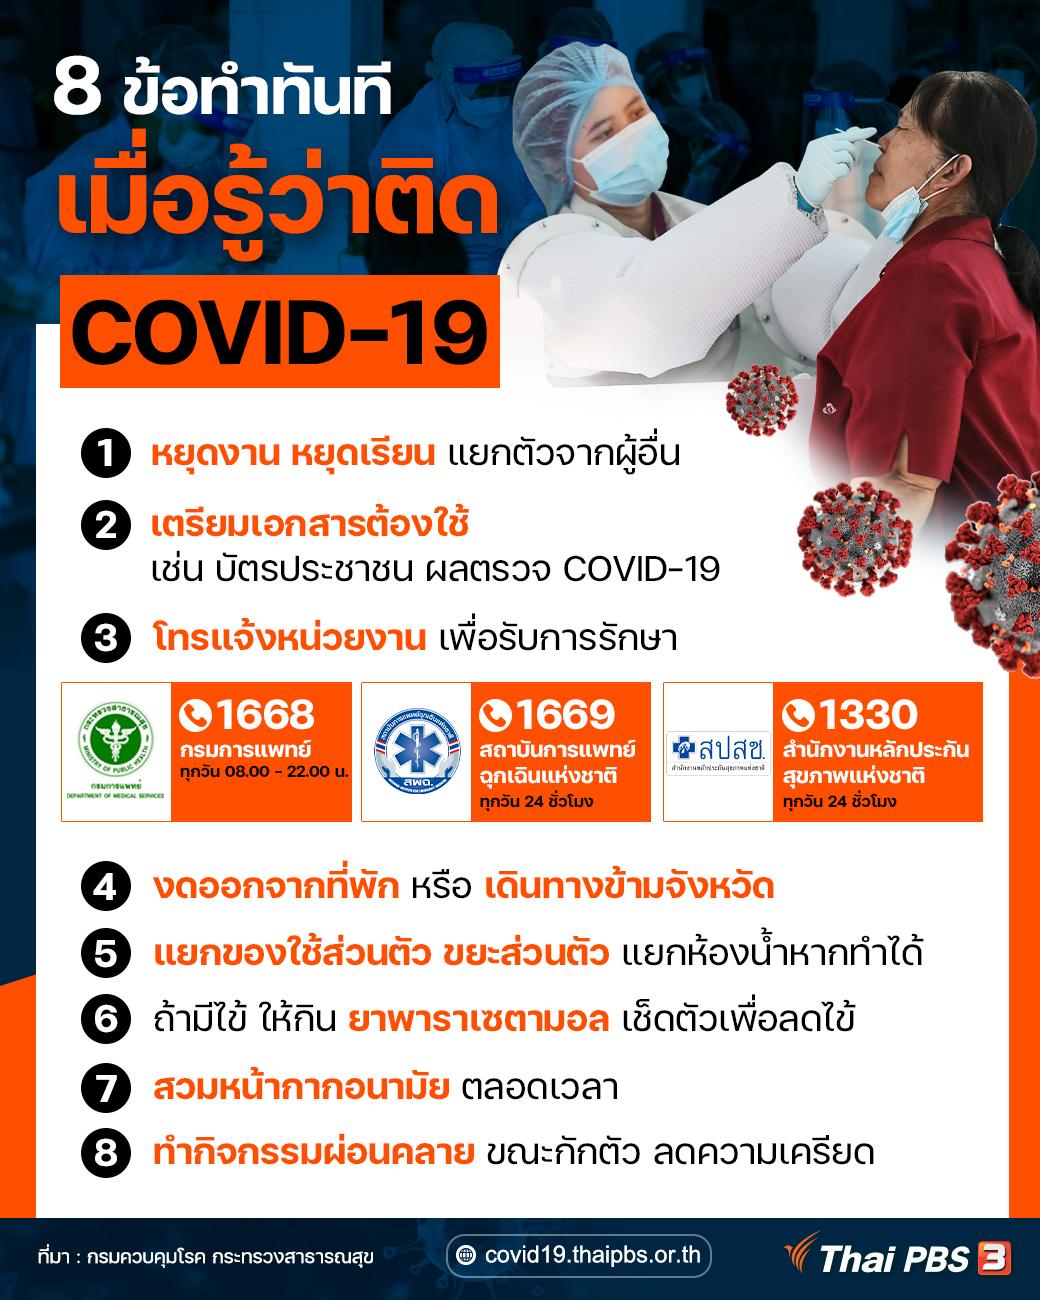 8 ข้อทำทันที เมื่อรู้ว่าติด COVID-19